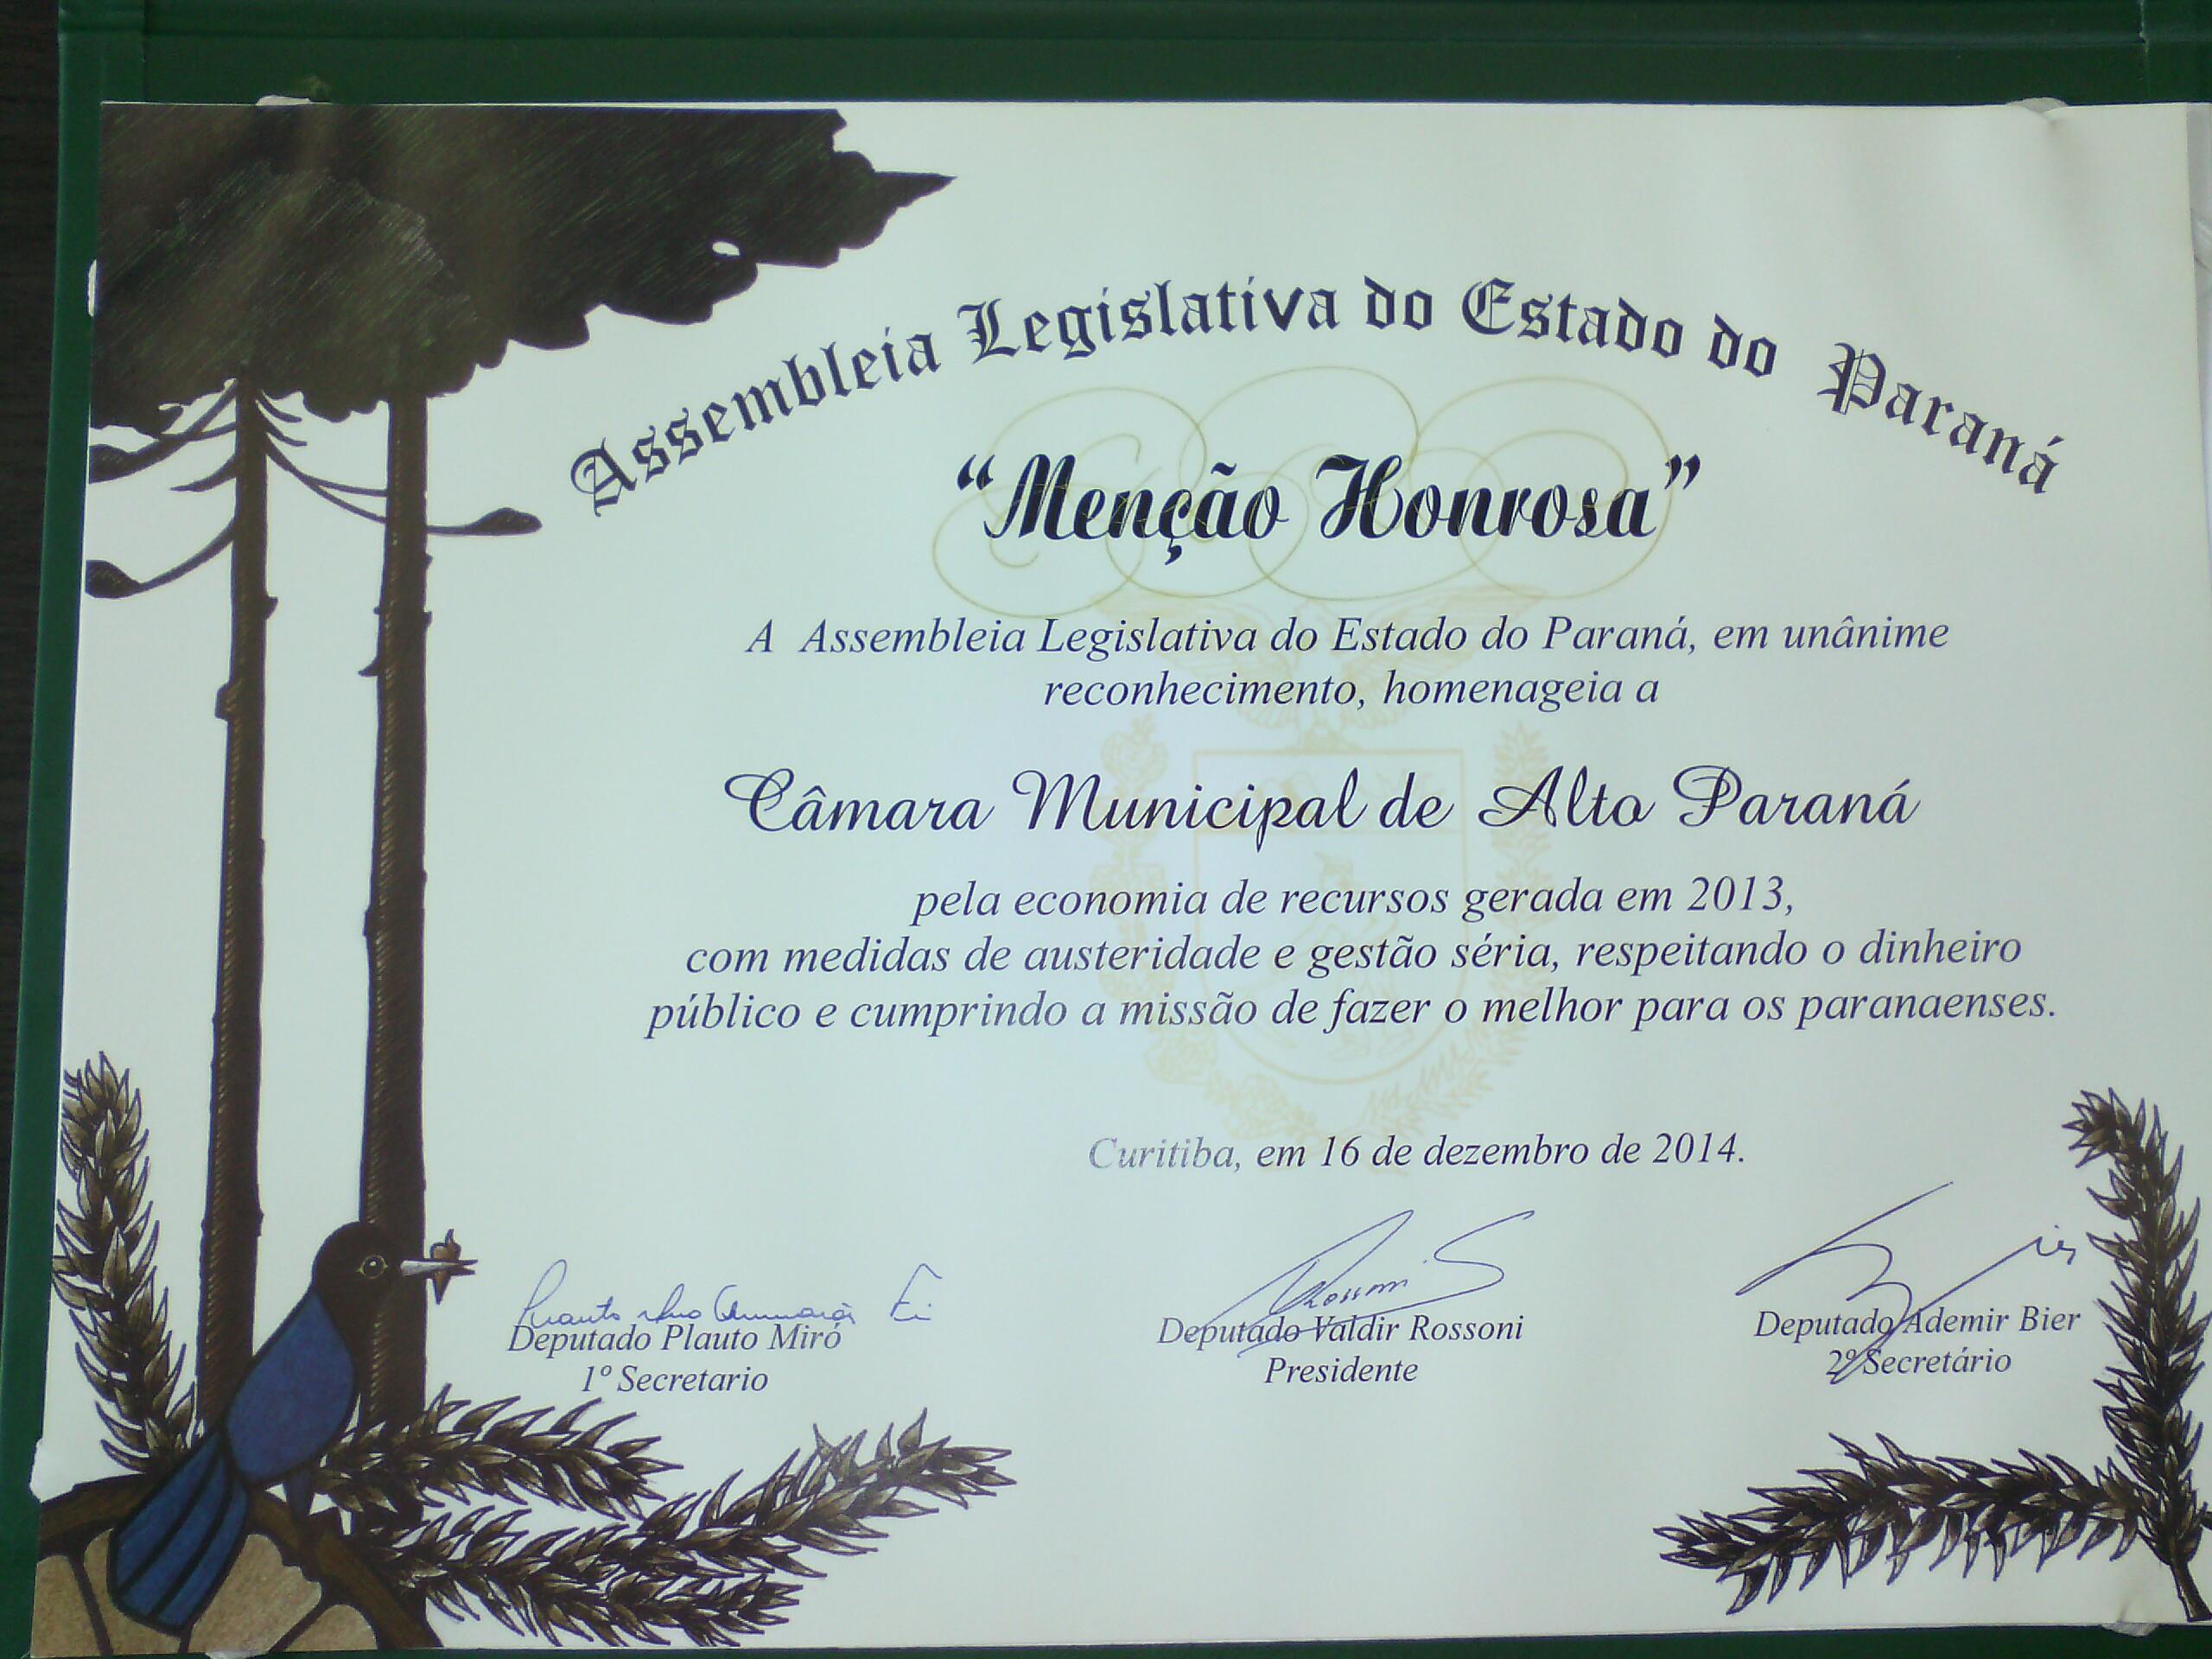 Menção Honrosa - Concedida pela Assembleia Legislativa do Paraná